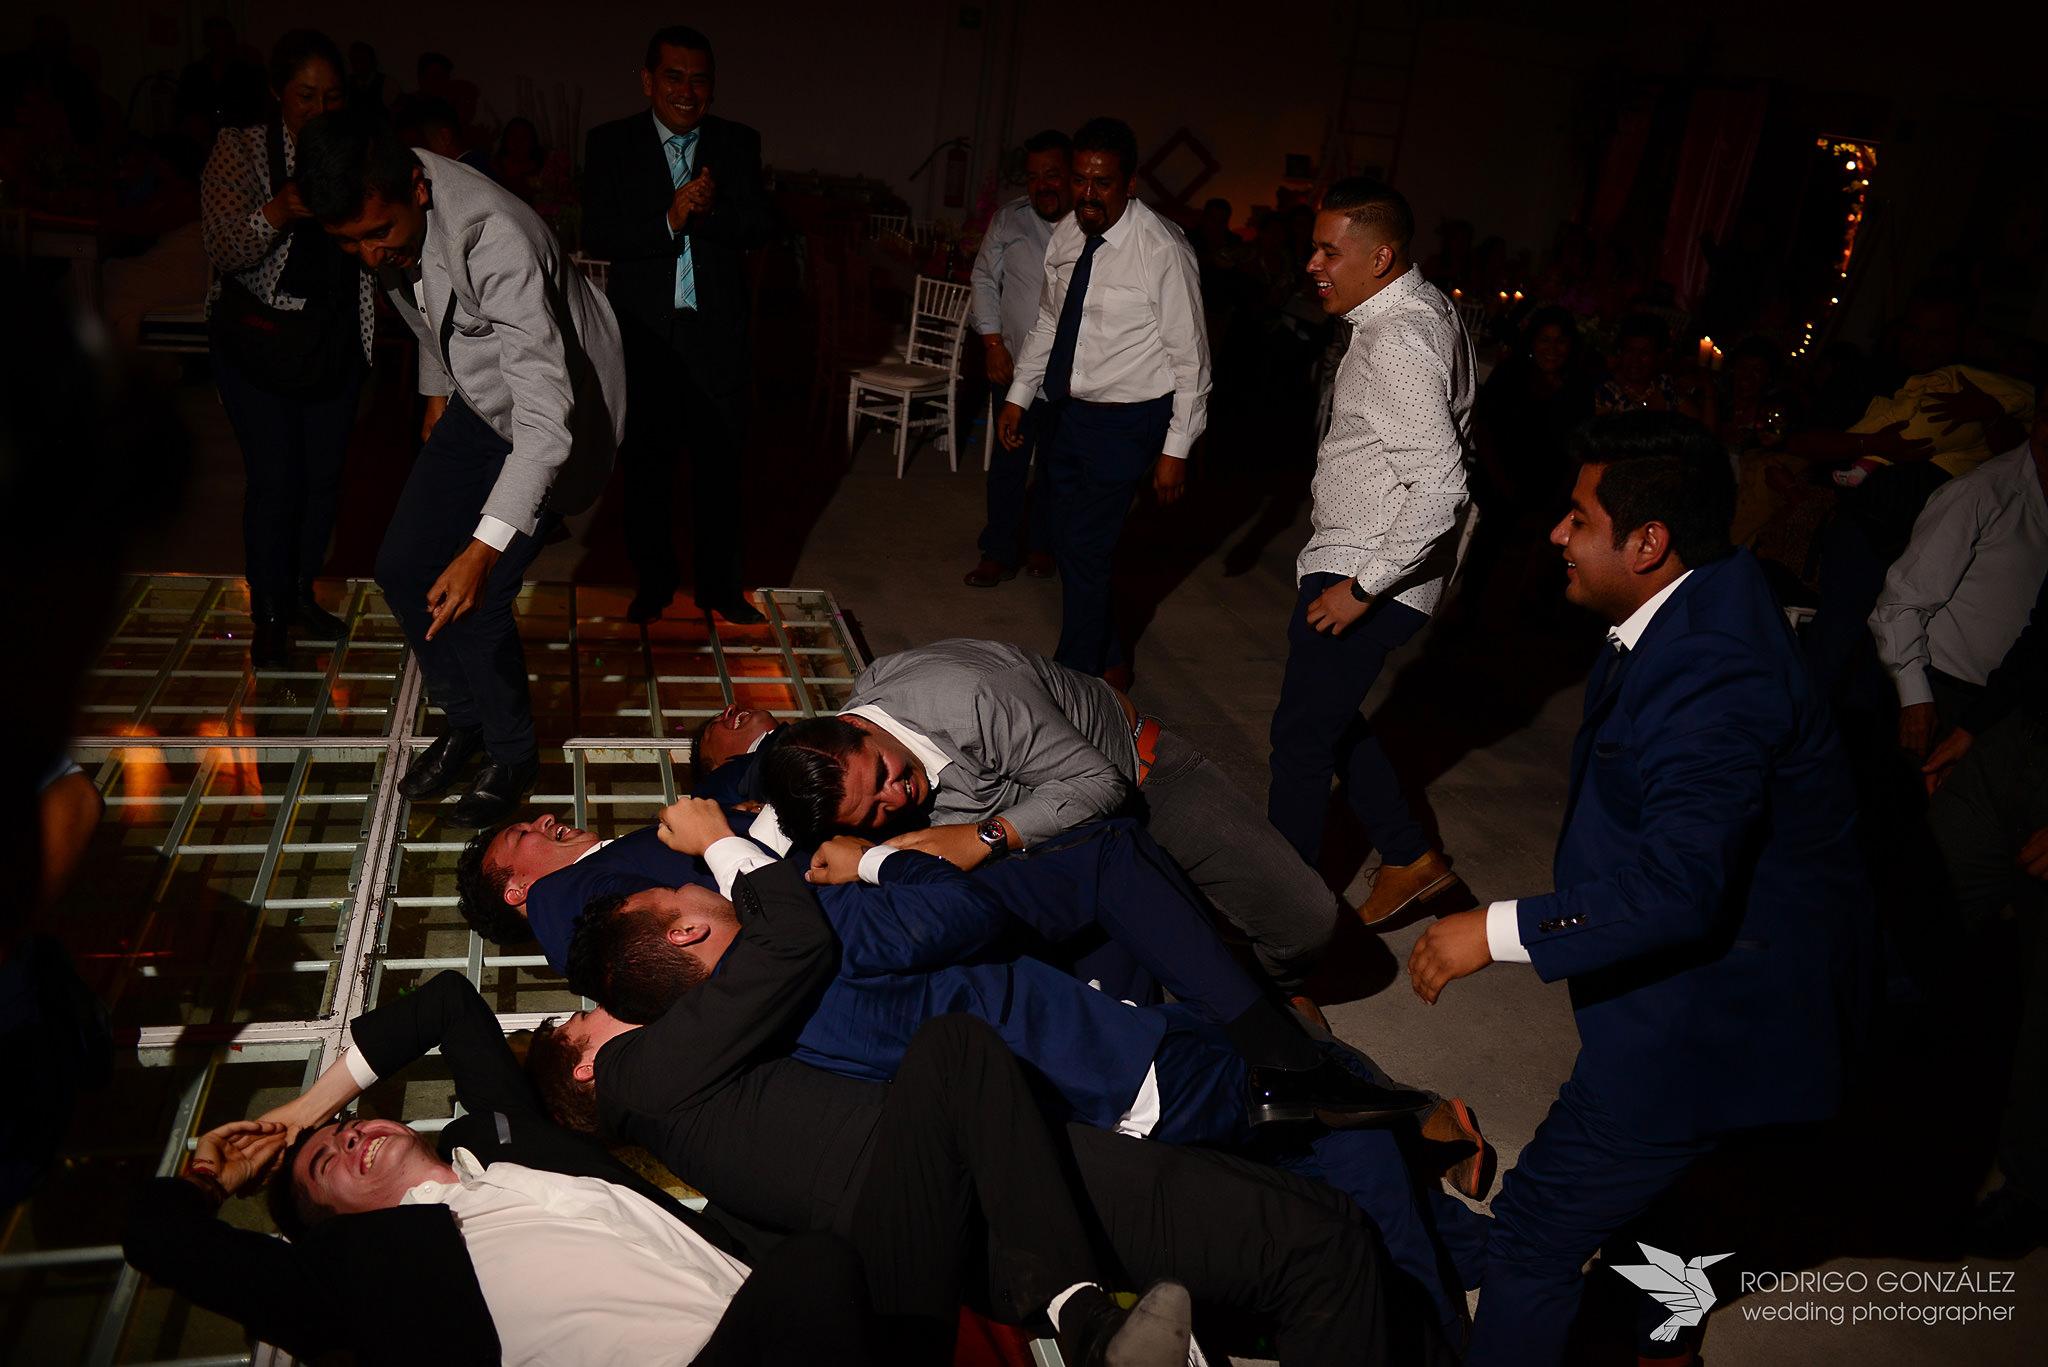 fotografos-de-bodas-en-puebla-0979